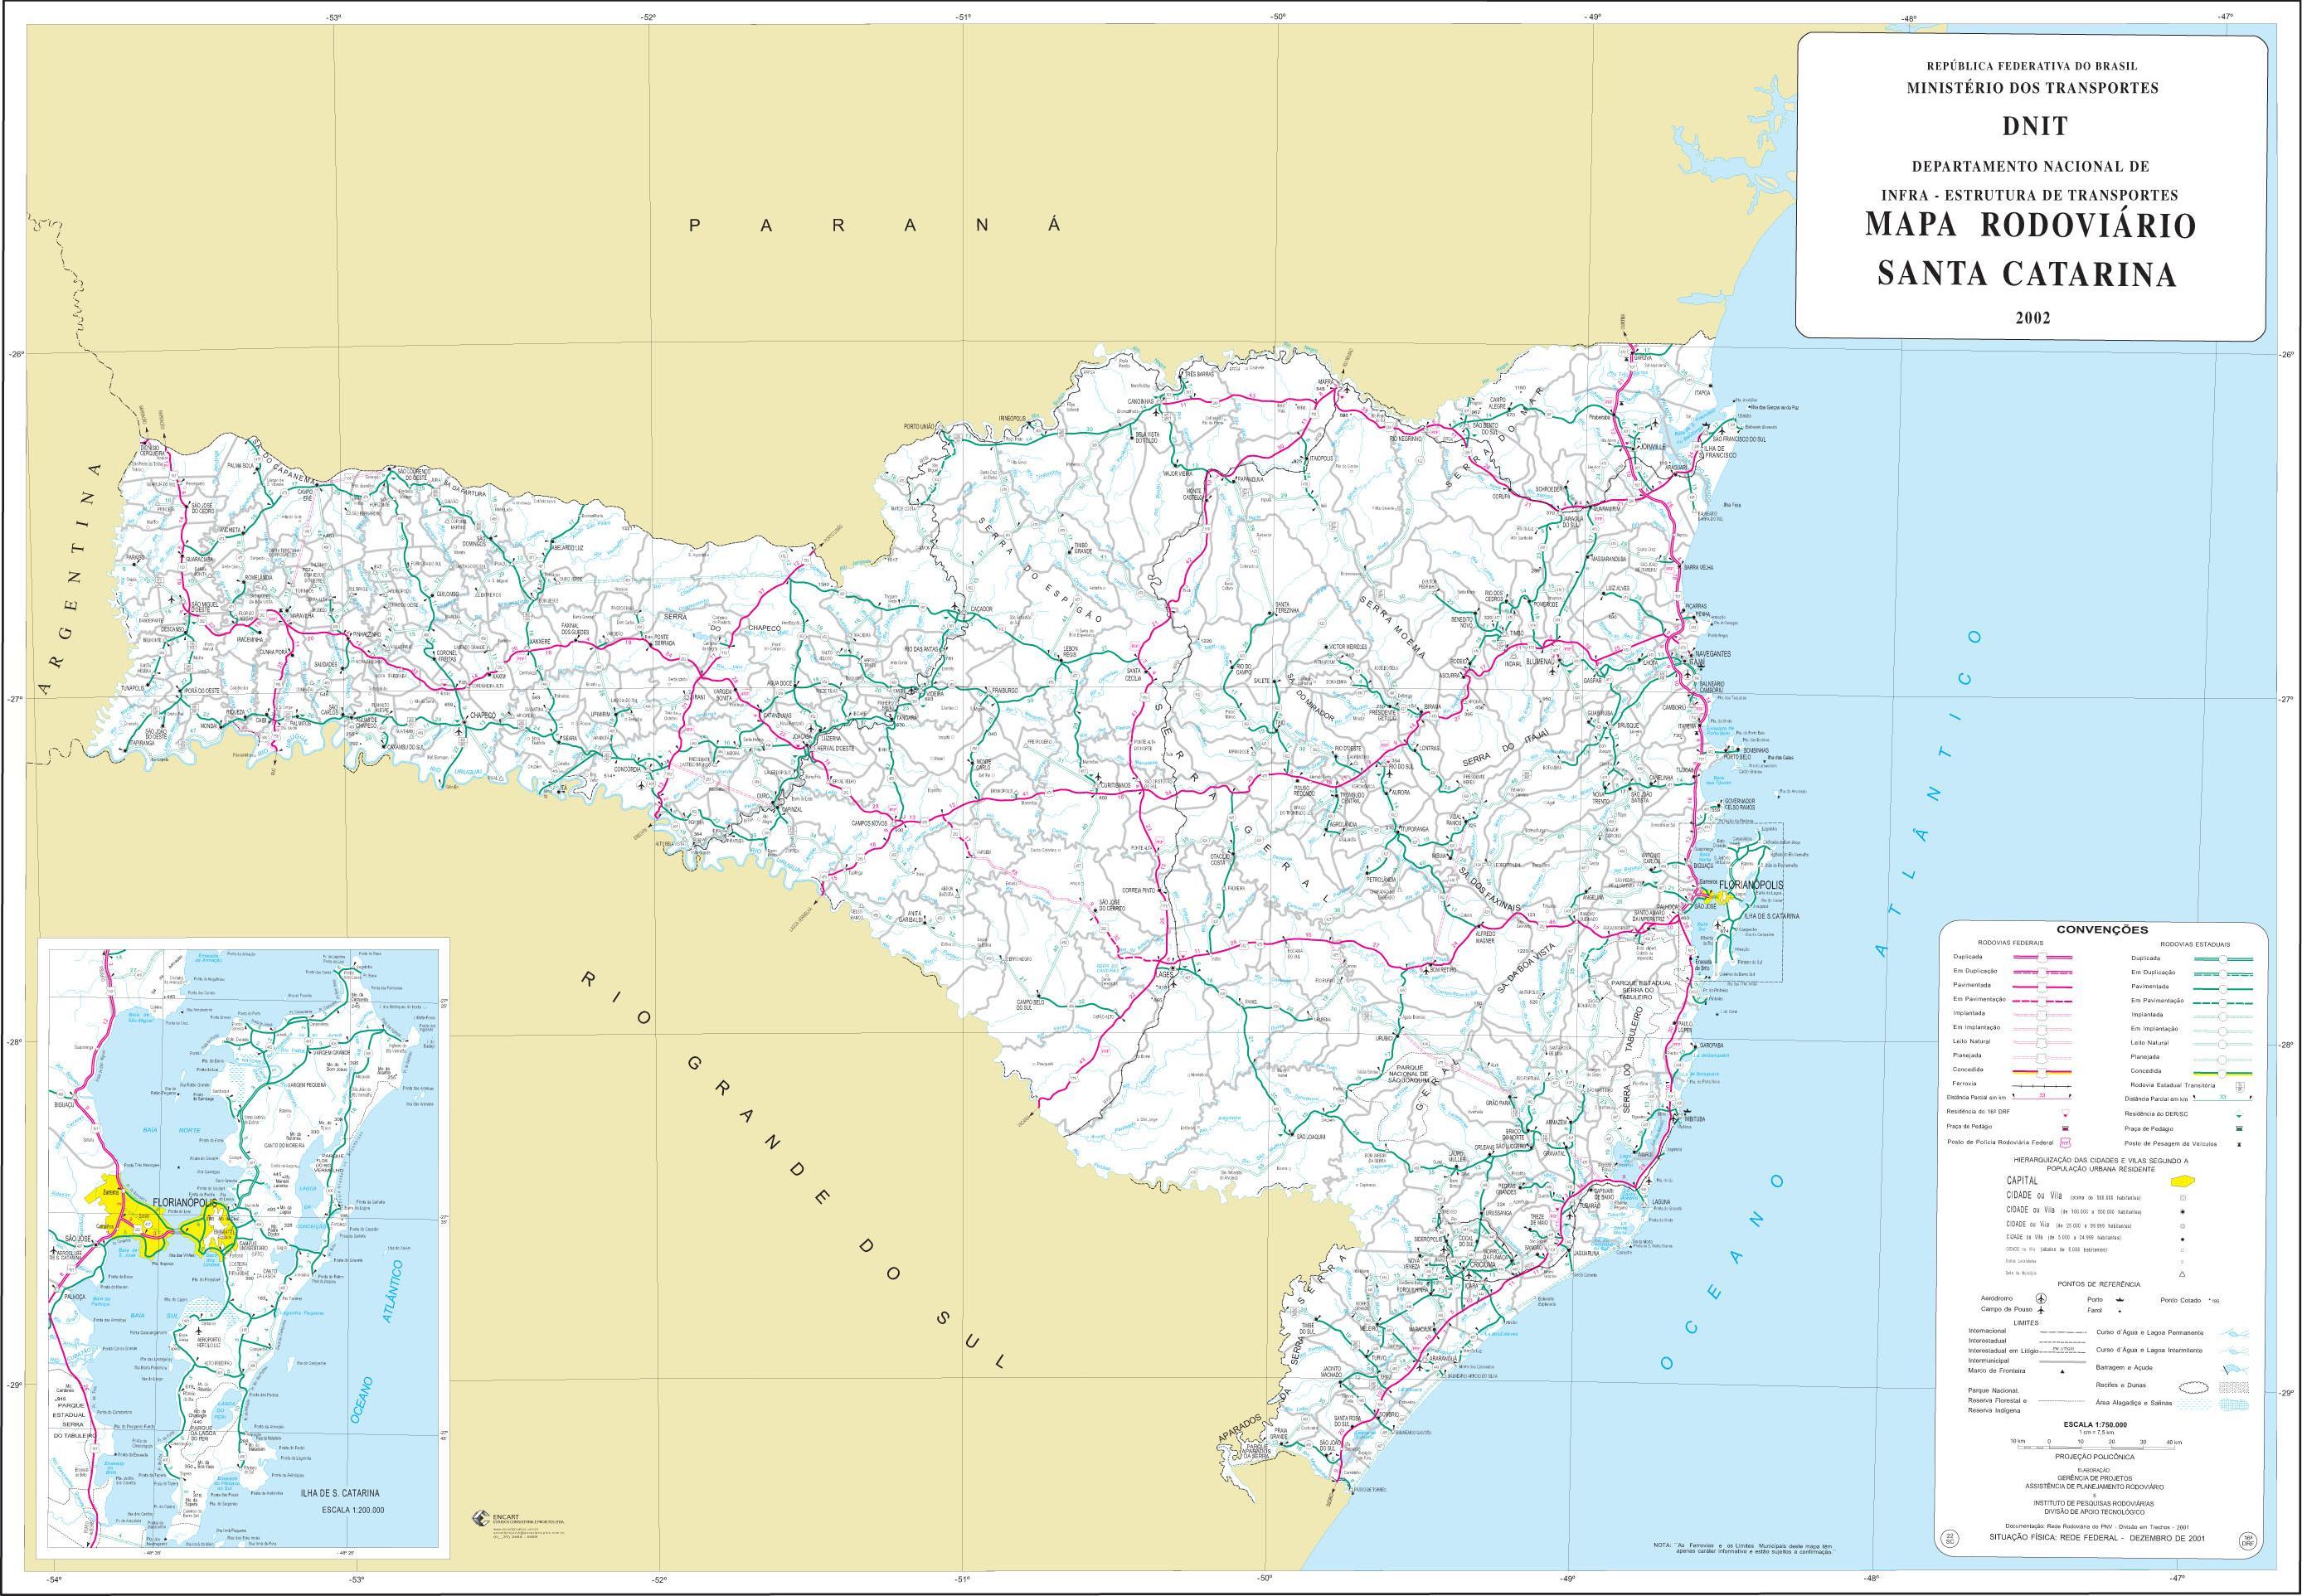 Mapa de Carreteras Federales y Estatales del Edo. de Santa Catarina, Brasil